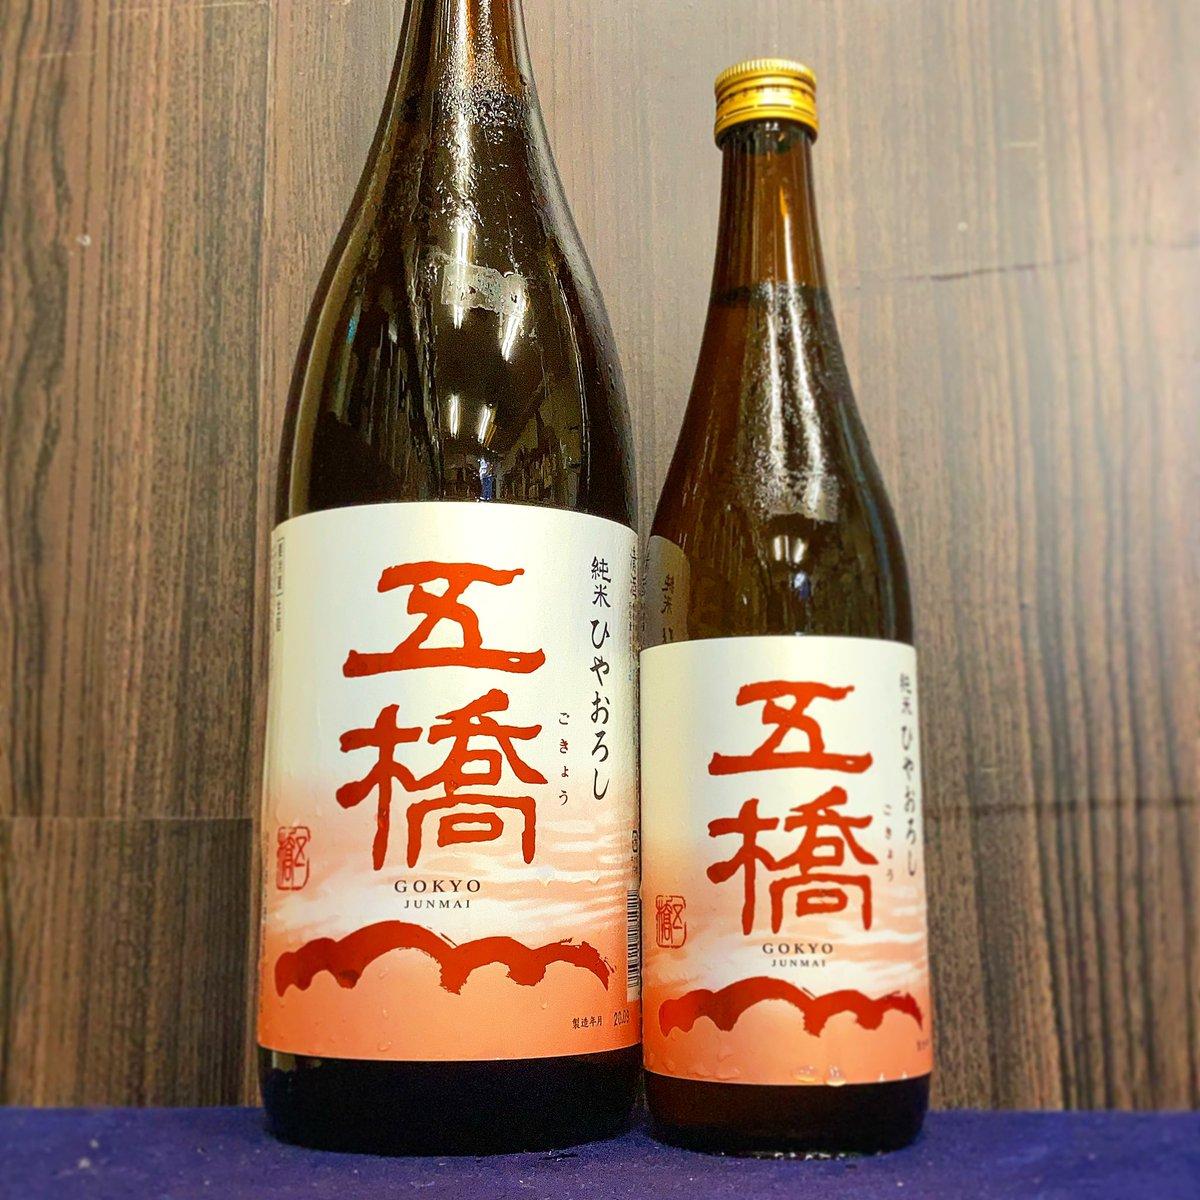 test ツイッターメディア - ◾︎五橋 純米ひやおろし◾︎  吟醸香ほのかに、軽快でお米の旨みたっぷりの純米酒☺︎ 地元山口県産の《日本晴》をメインに使用し、軟水仕込みで丁寧に醸されました。 上品な吟醸香がほのかに香り、口当たり優しく軽快、たっぷりの米の旨味をきれいな酸が引き締める、なめらかな味わいが魅力です☺️✨ https://t.co/LdPtuEshSY